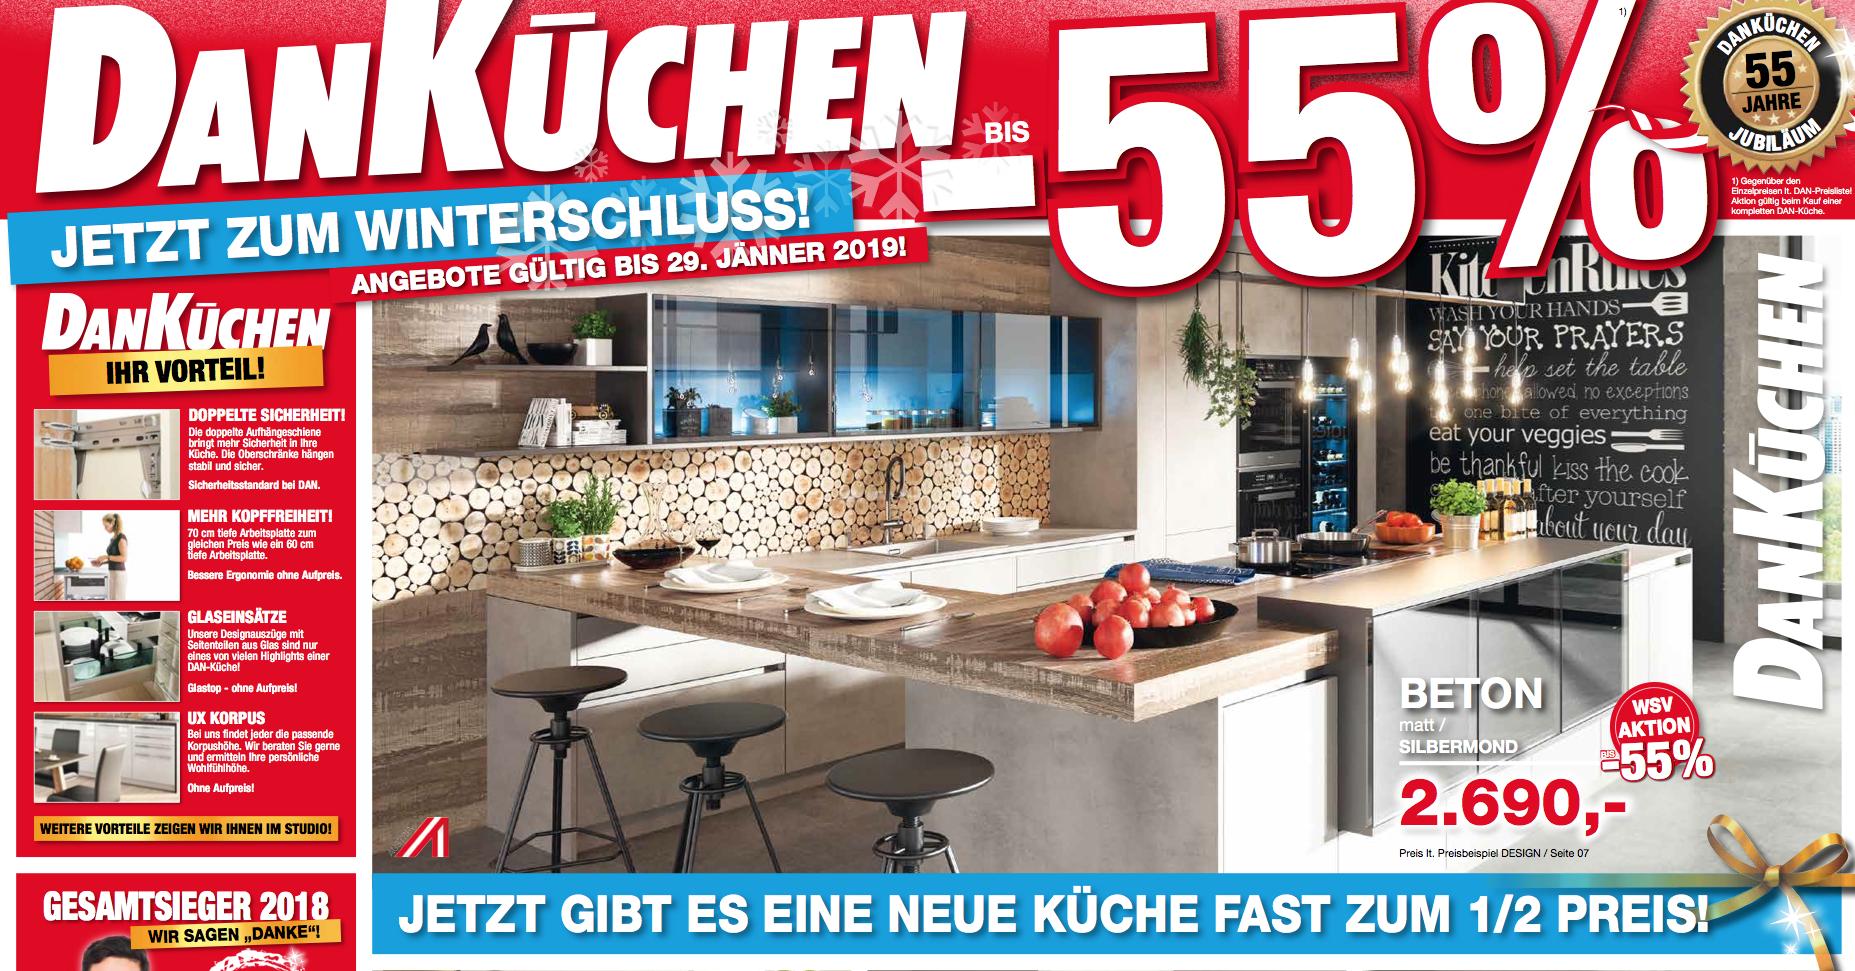 55 Jahre DAN Küchen: Bis Zu  55% Rabatt Auf Ihre Neue Küche! | DAN Küchen  Studio Steyr | Modernste Küchen Auf 2 Etagen